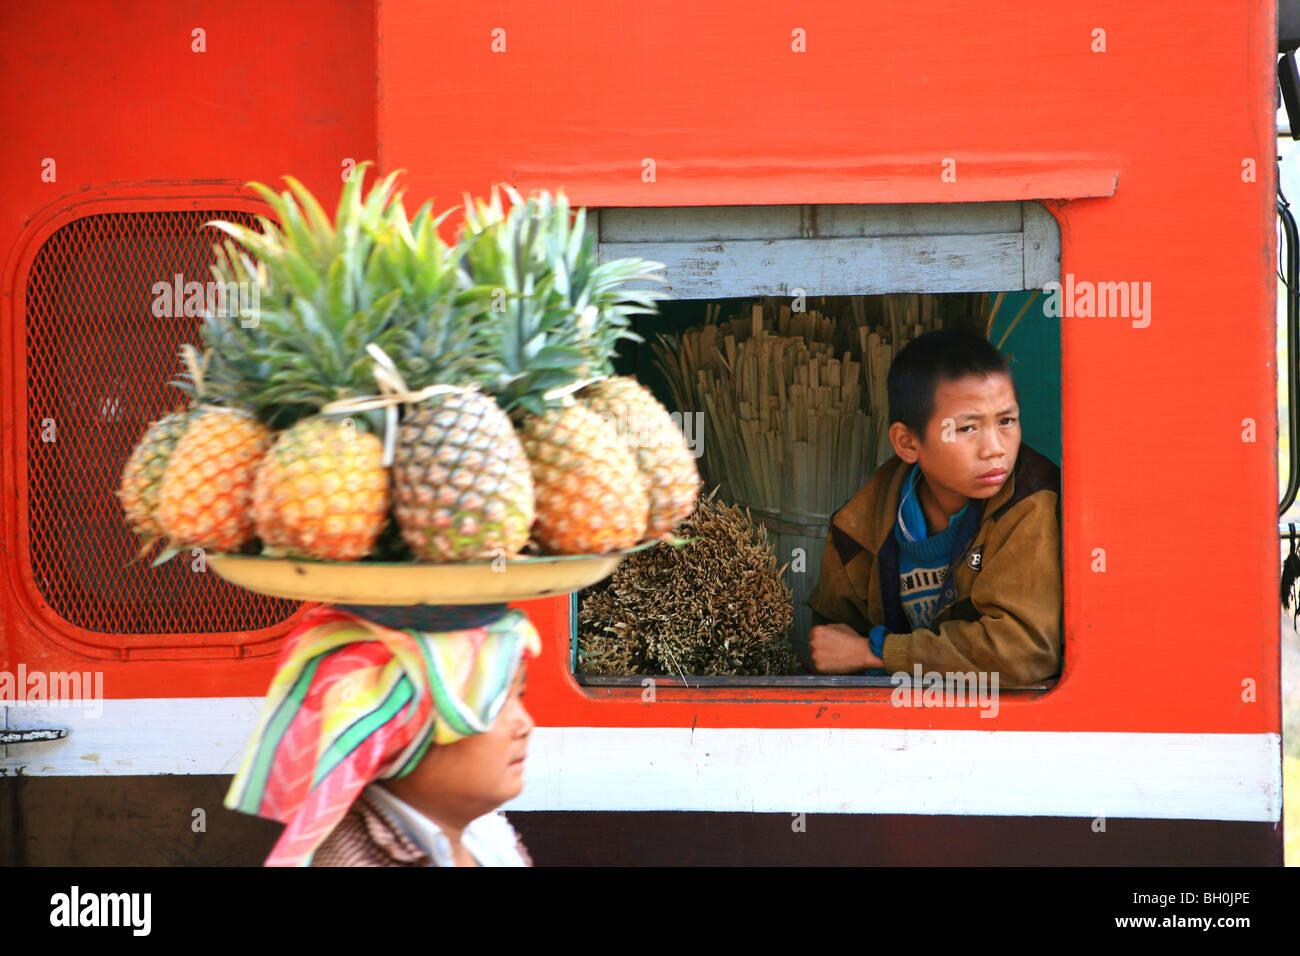 Eine Frau verkauft Frucht, ein Junge aus dem Fenster eines Zuges, Hispaw, Shan State in Myanmar, Myanmar, Asien Stockfoto